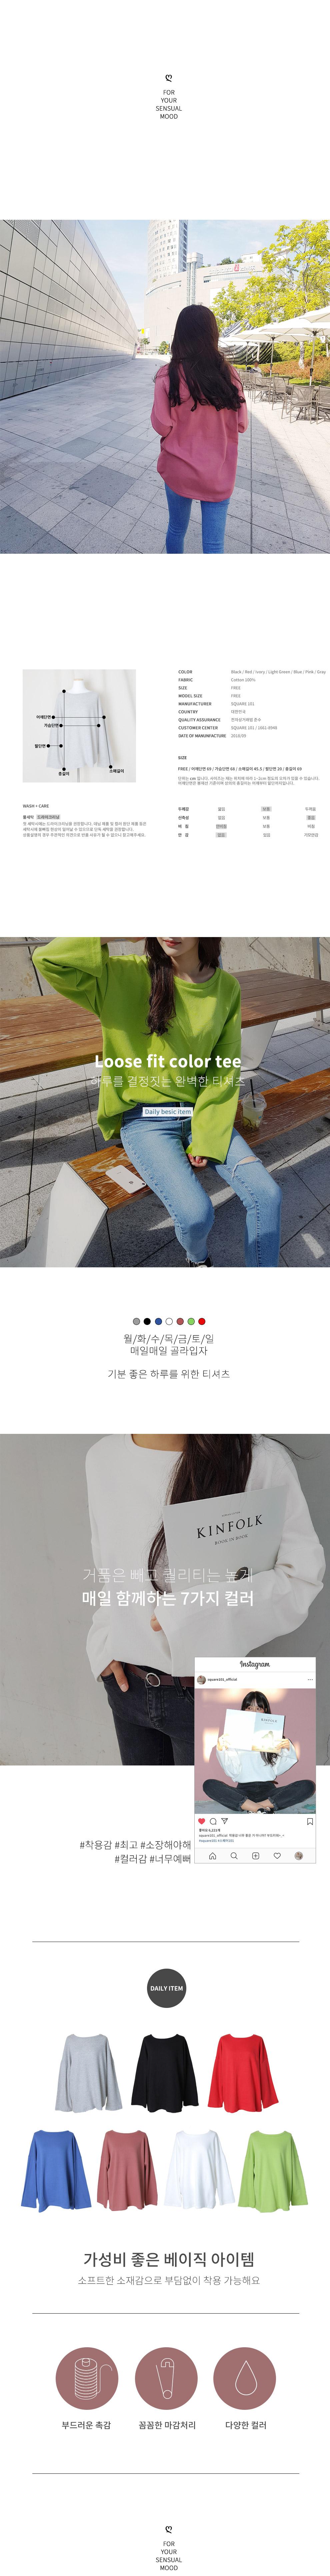 Loose-fit color T-shirt